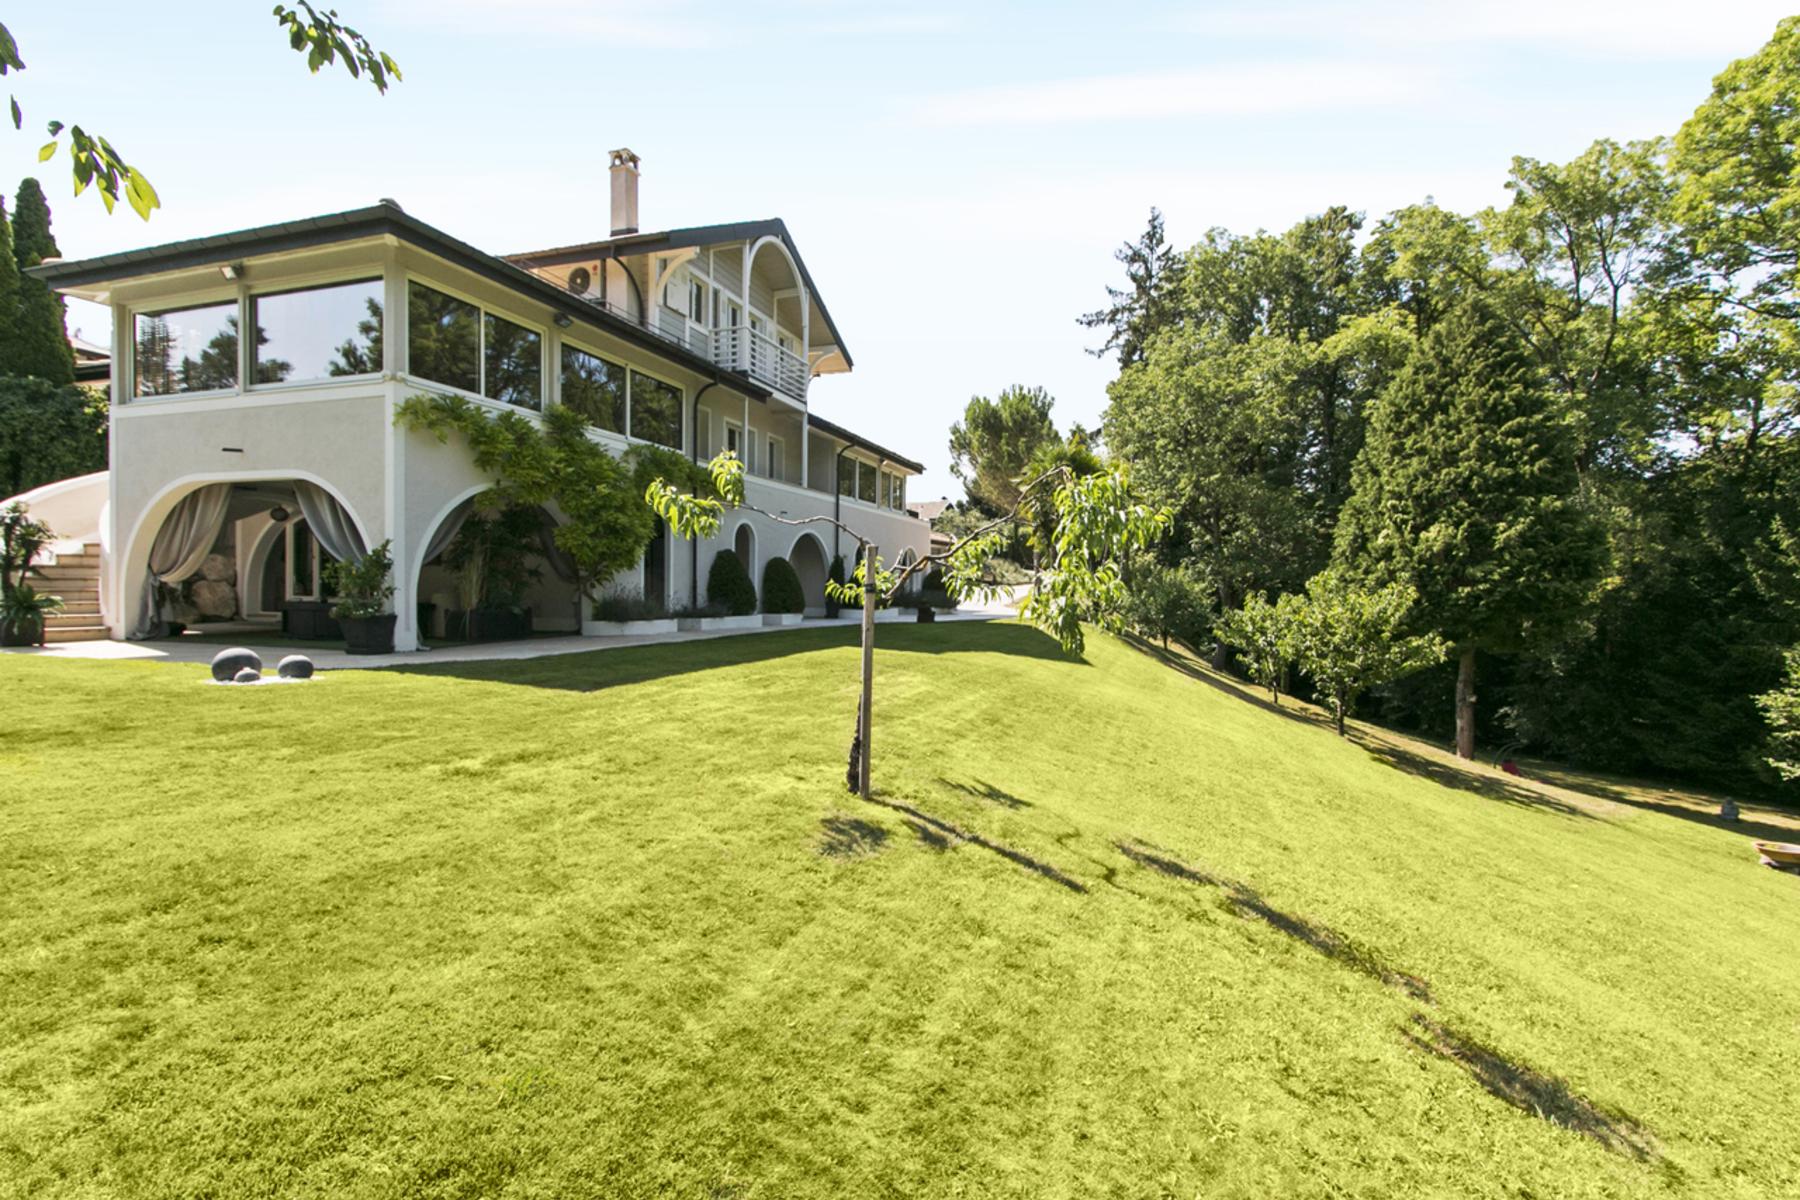 Casa Unifamiliar por un Venta en EXCEPTIONAL DETACHED VILLA ON A PLOT OF ALMOST 4,500 M2 Carouge Other Switzerland, Otras Áreas En Suiza, 1227 Suiza